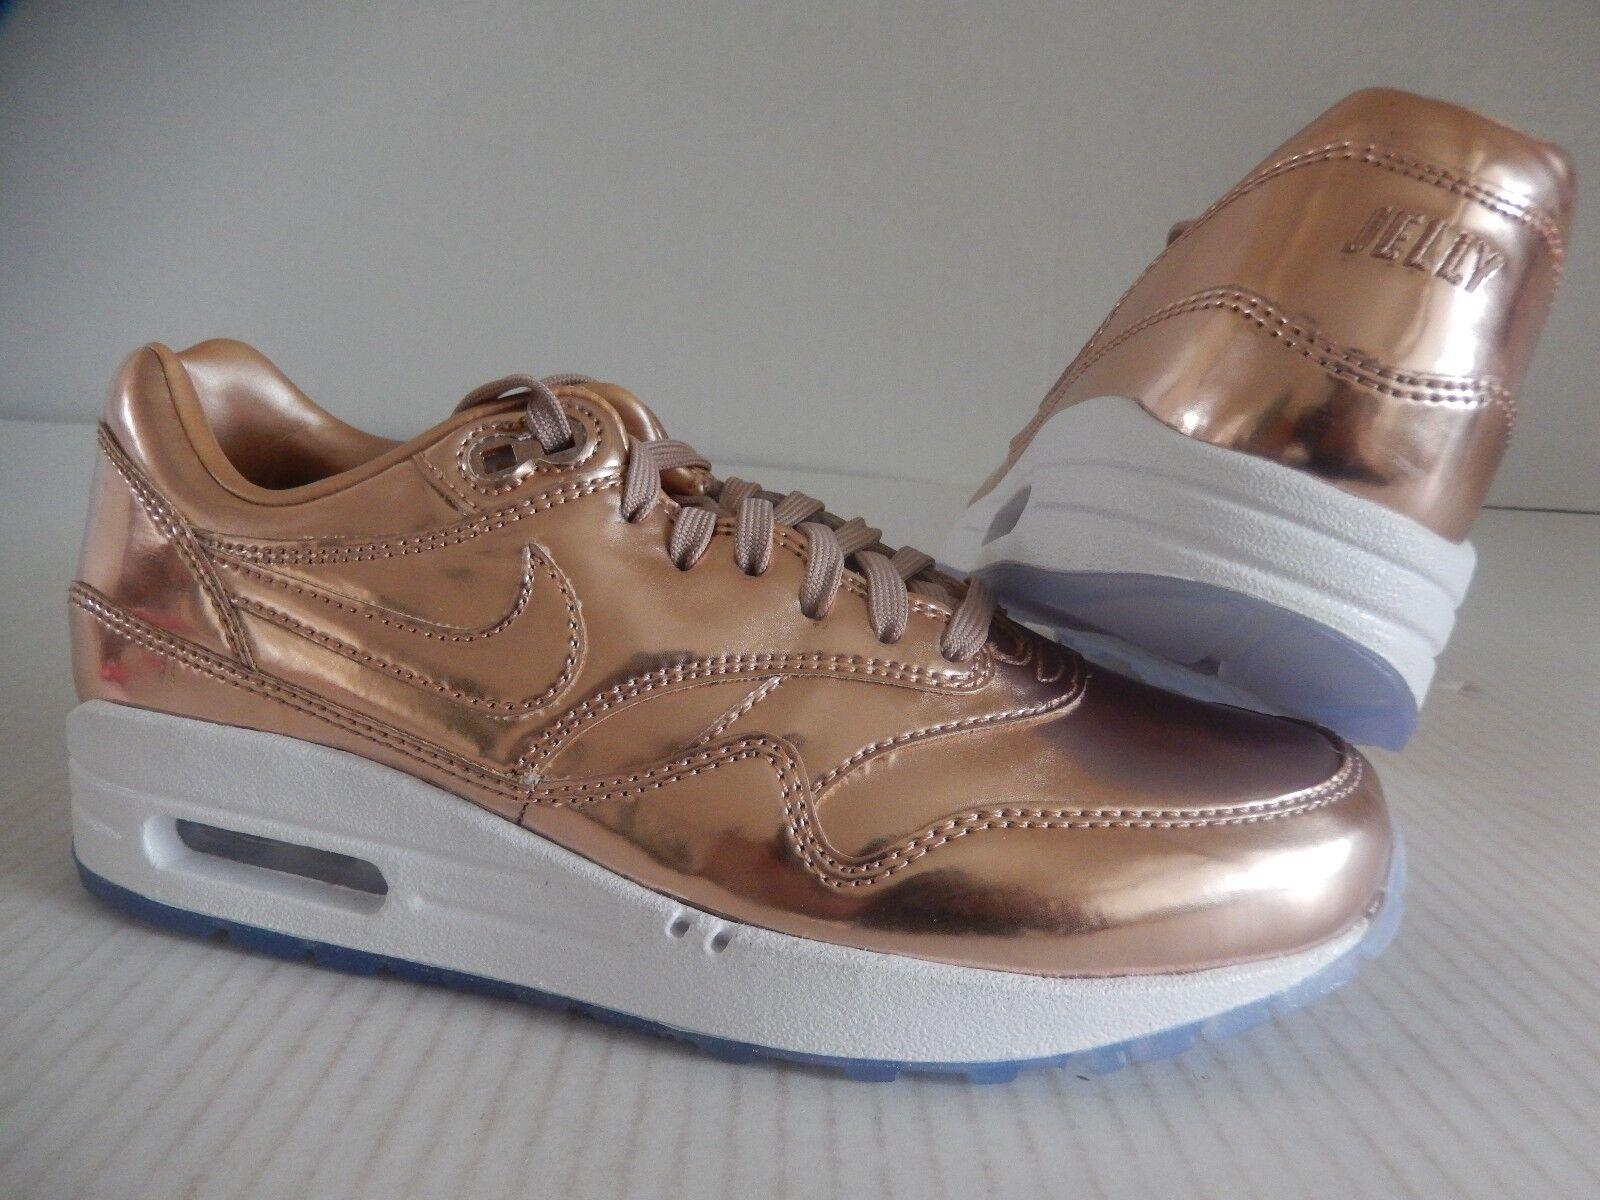 Nike Women Air Max 1 ID Premium Liquid Rose Gold White SZ 10 [829358 991]